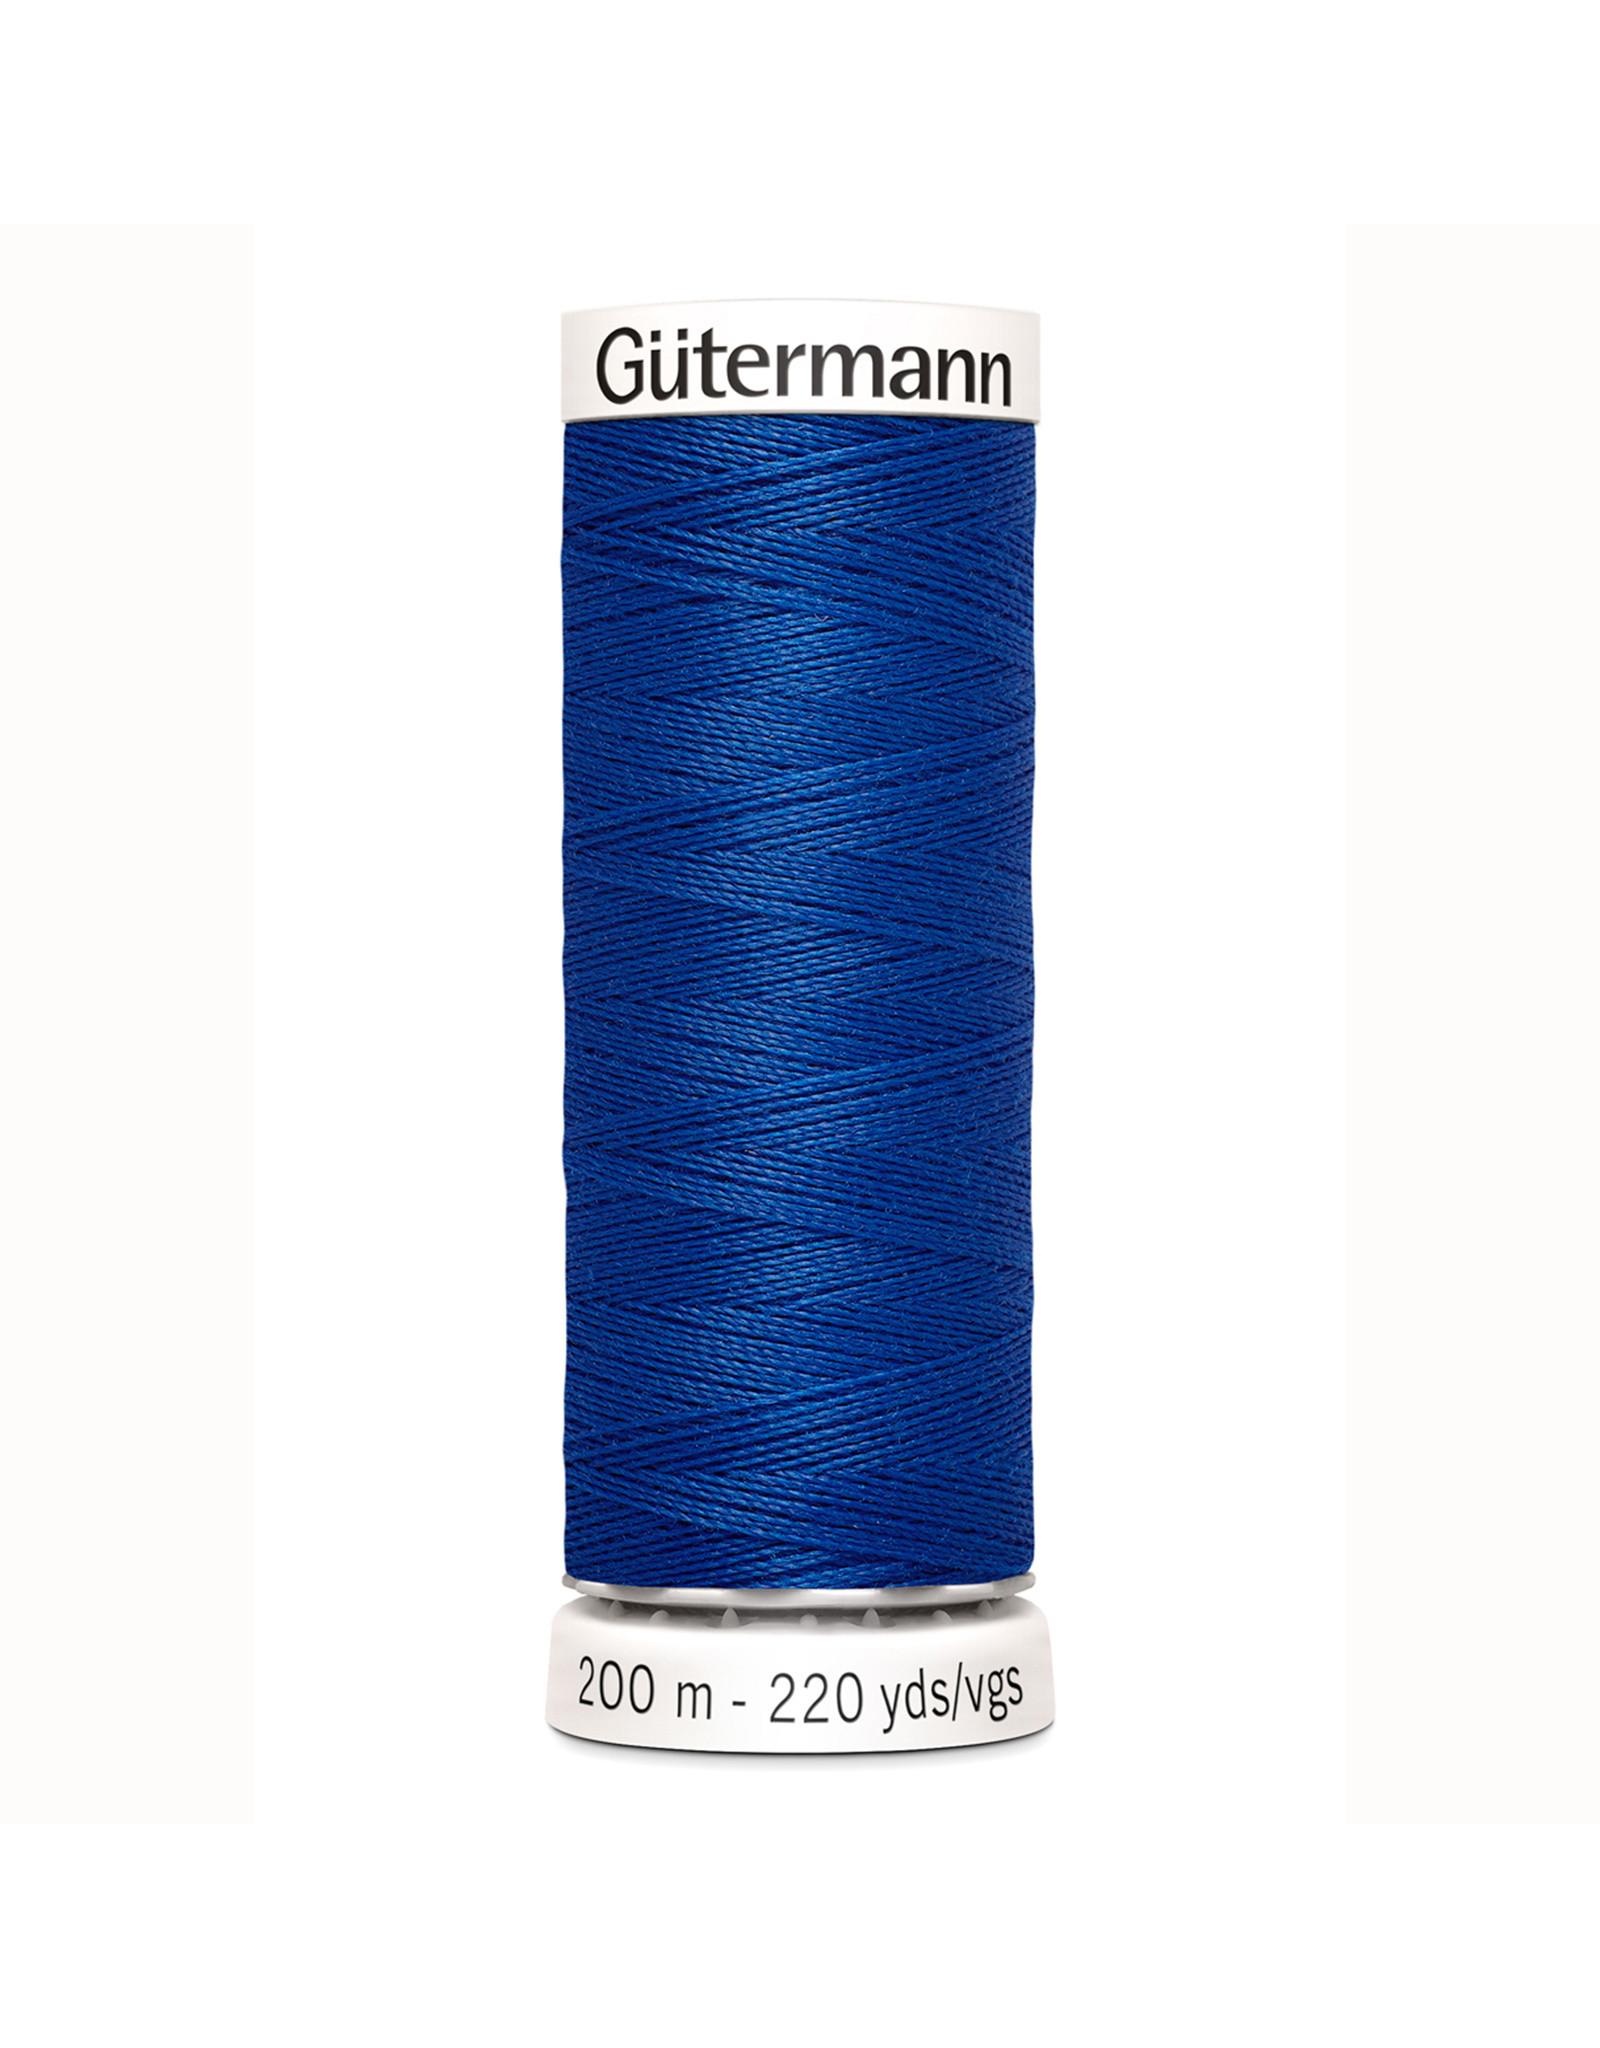 Gütermann Gütermann Nähgarn 200 m - nr 316